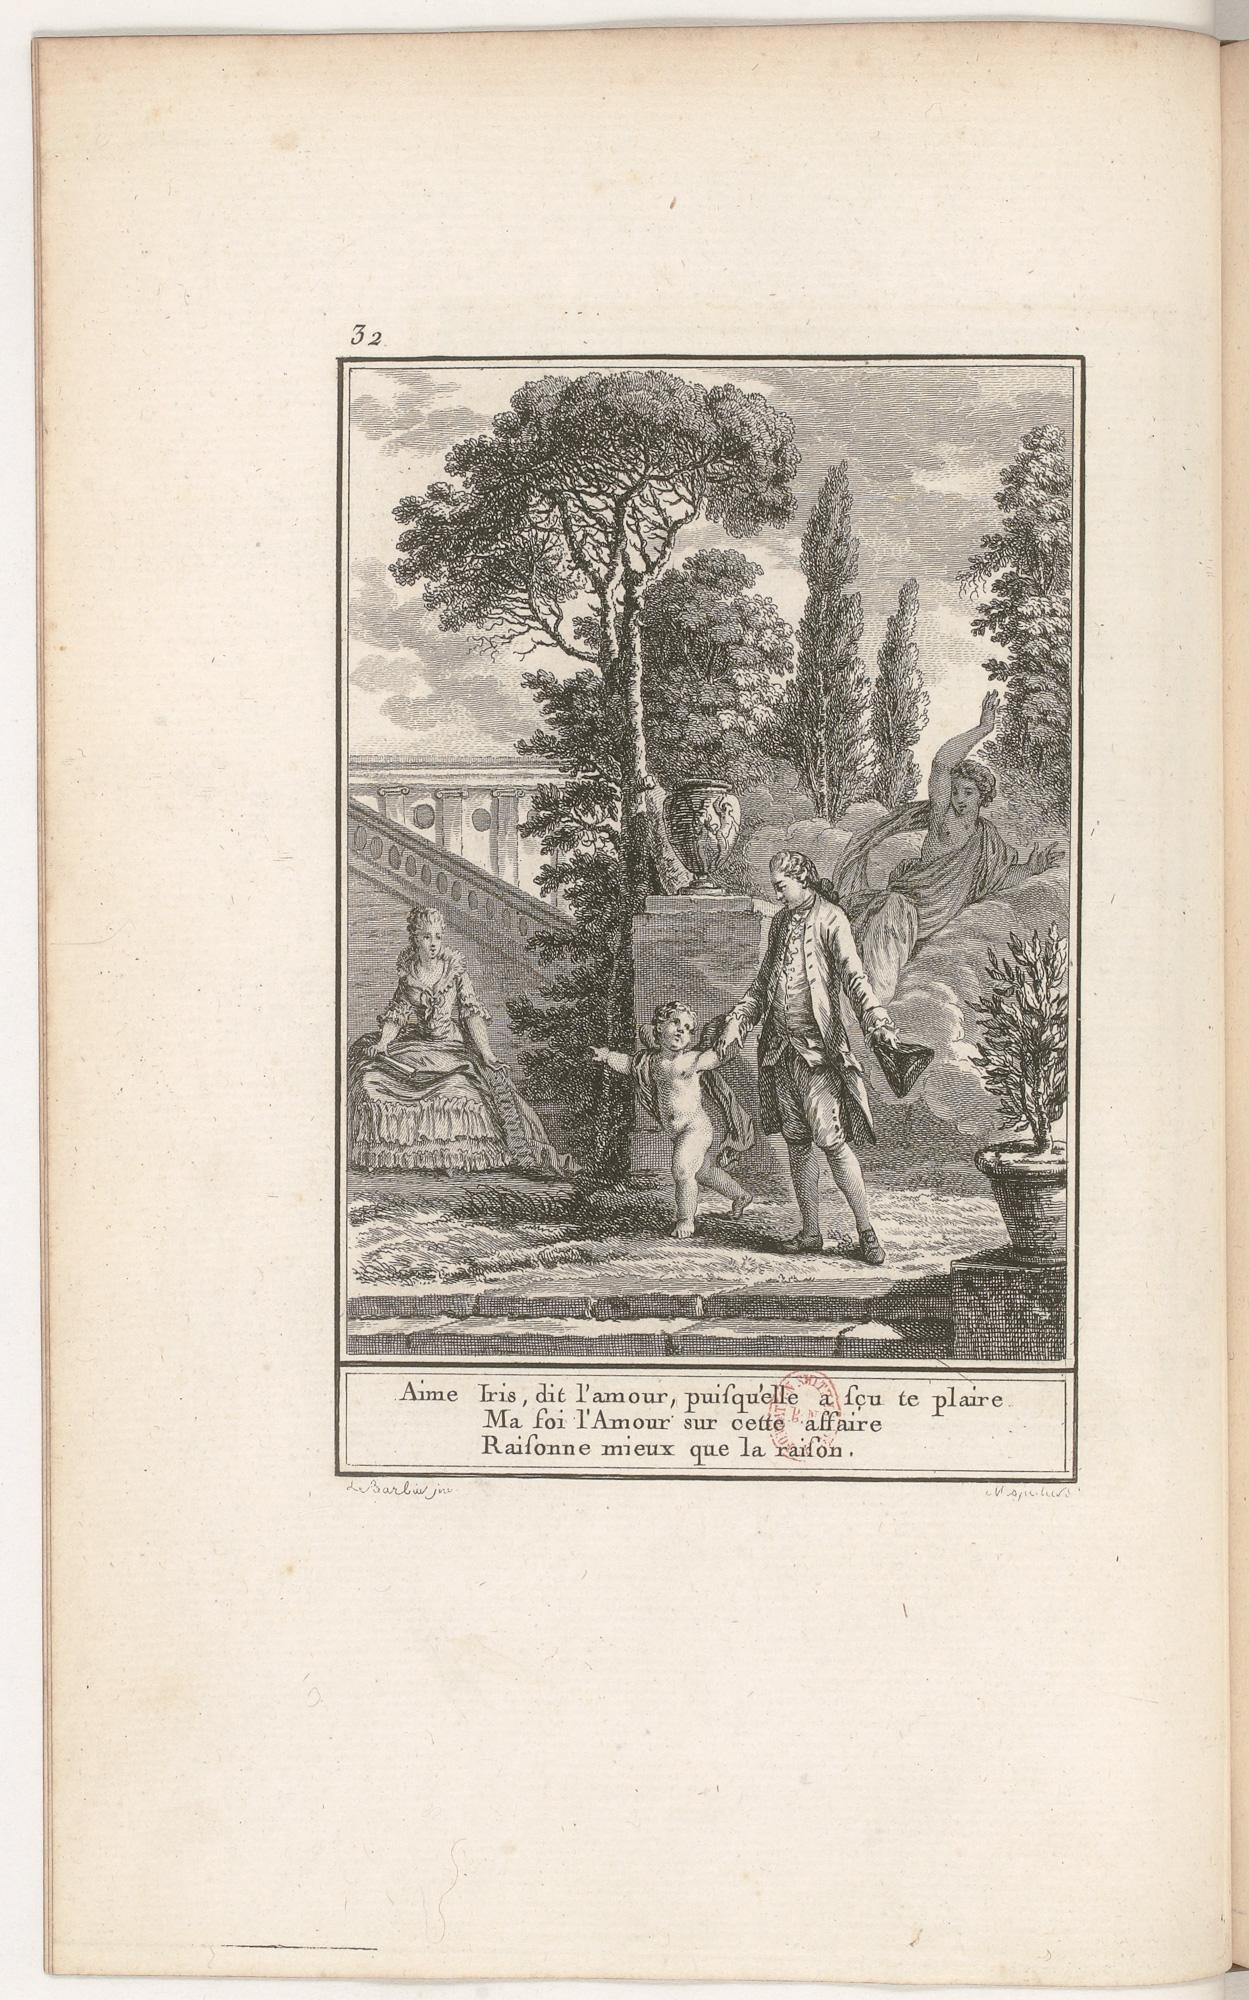 S.4.06 La raison deraisonable, 1772, Image